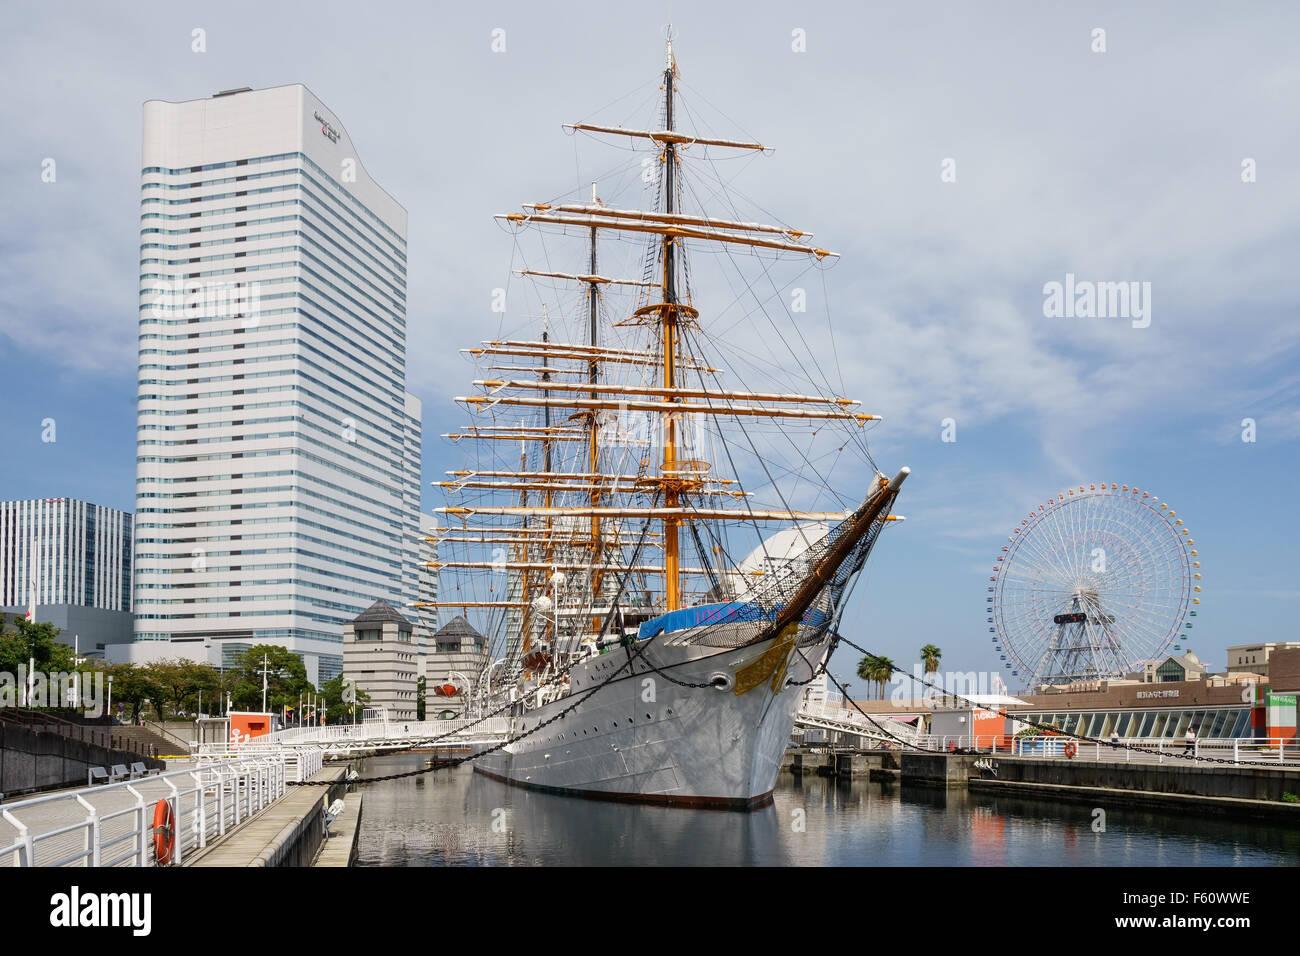 Il Nippon Maru nave a vela presso il porto di Minato Mirai, Yokohama, Giappone. Immagini Stock